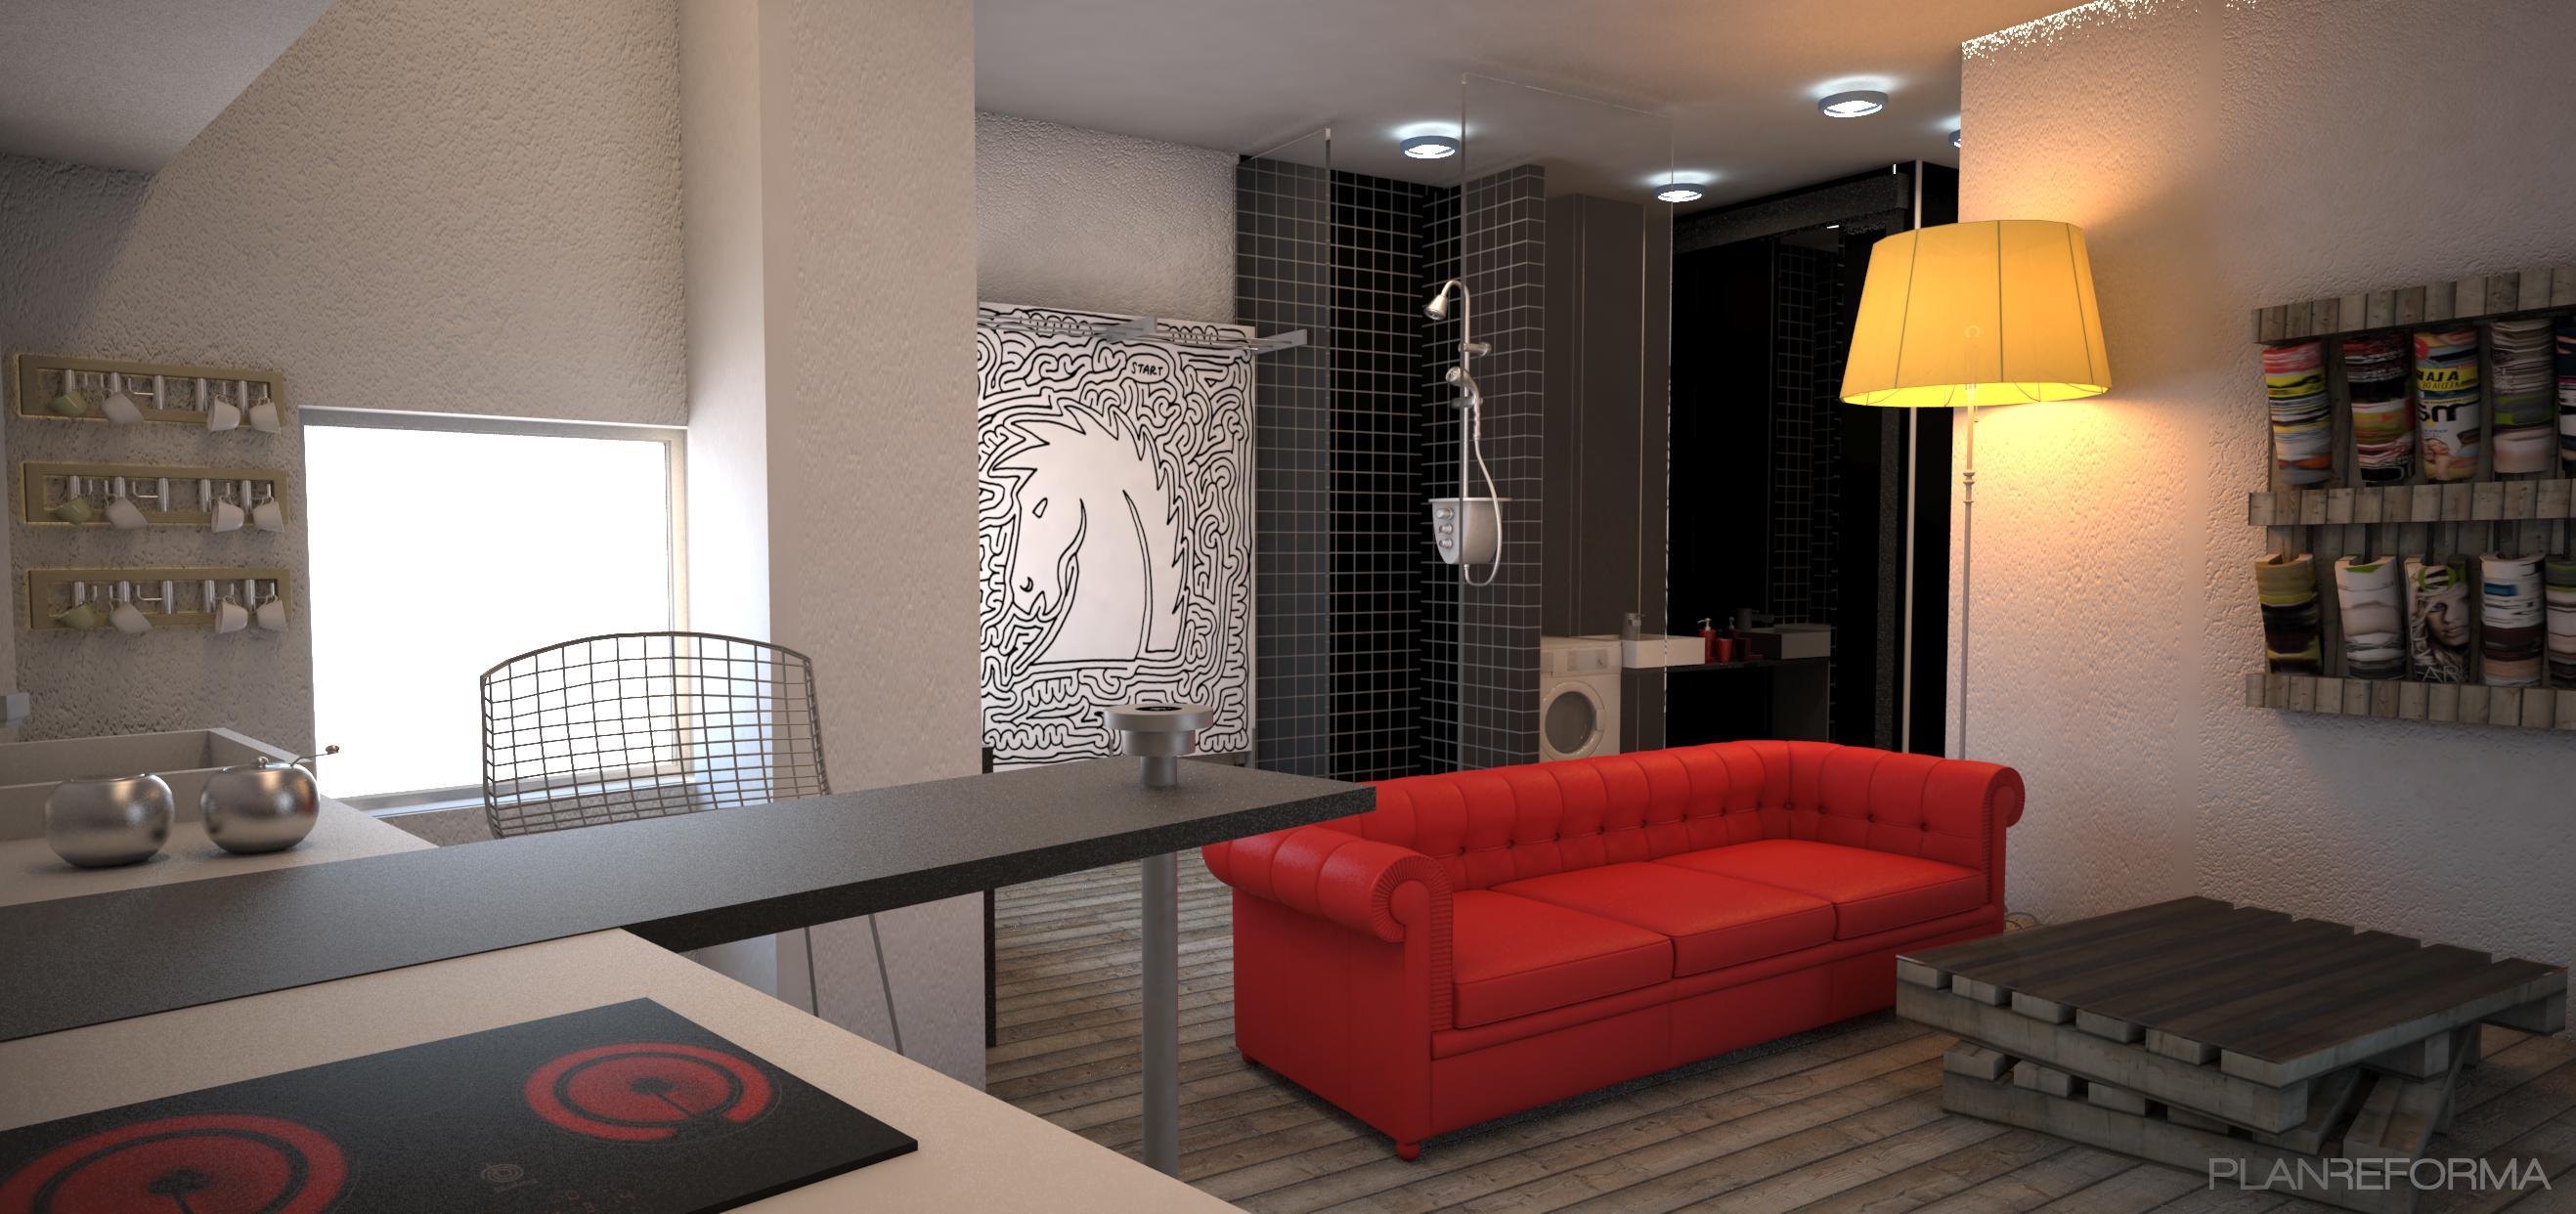 Comedor cocina salon style moderno color rojo negro for Cocina comedor salon